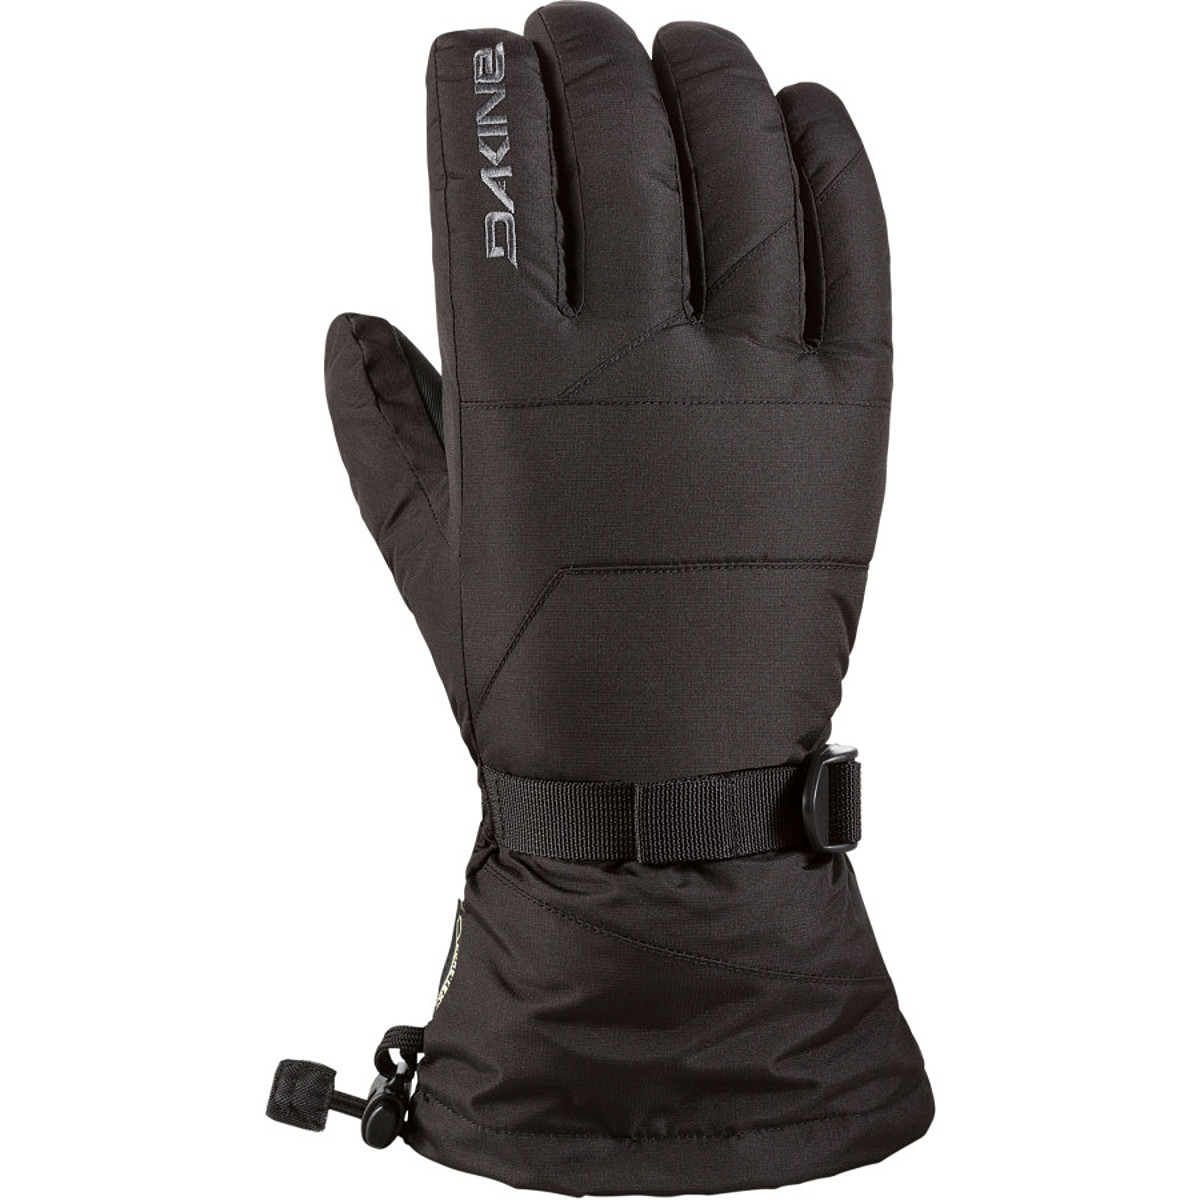 DaKine Frontier Glove